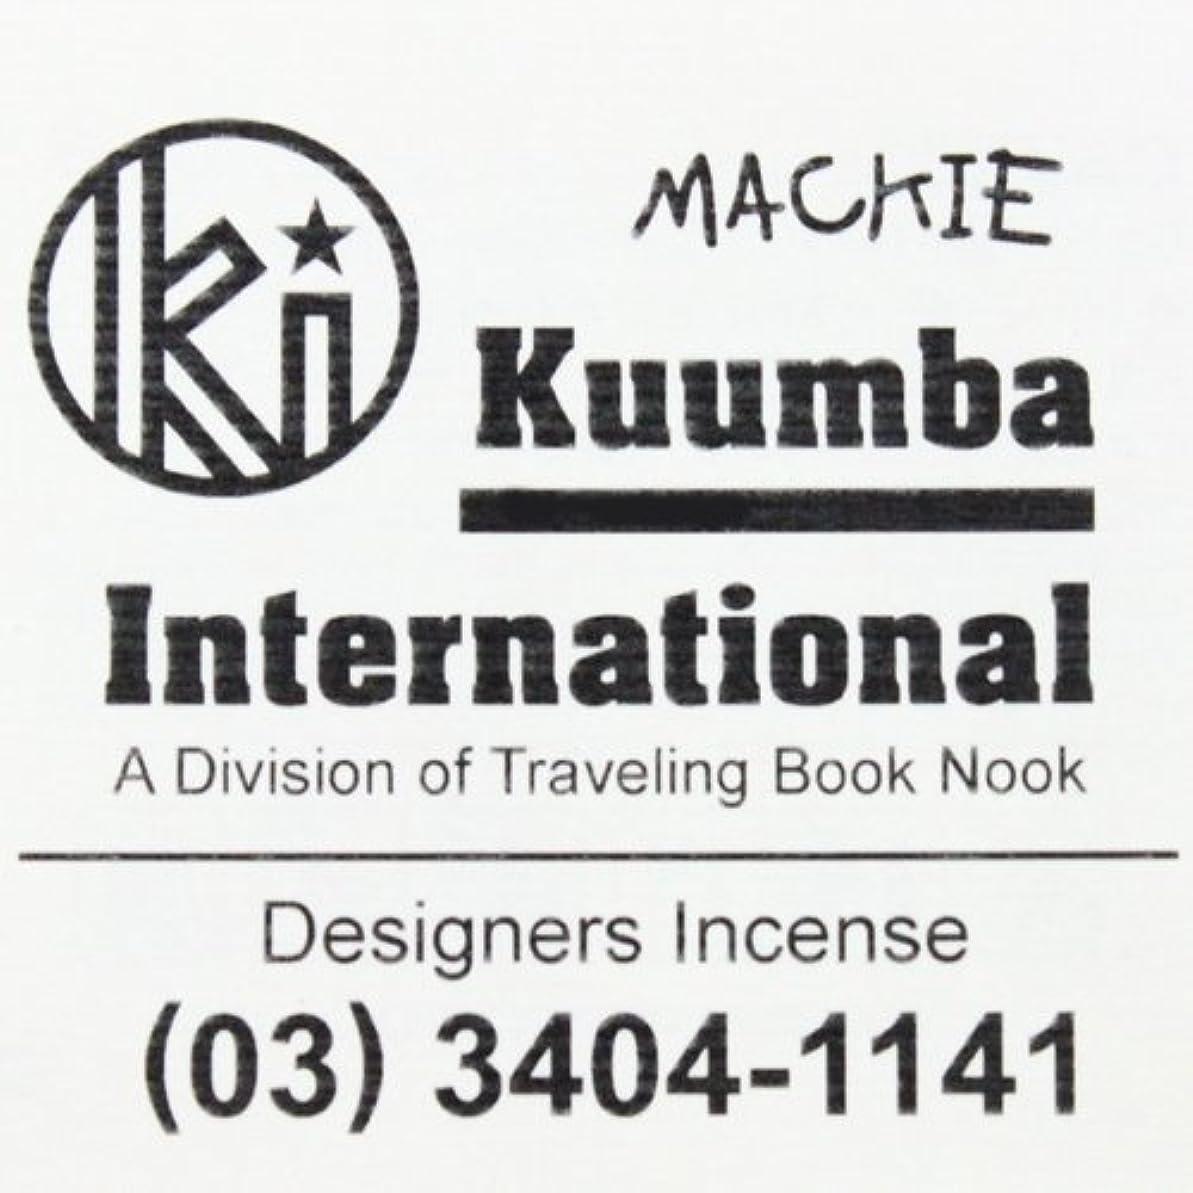 帰る合わせて月曜Kuumba(クンバ)『incense』(MACKIE) (Regular size)